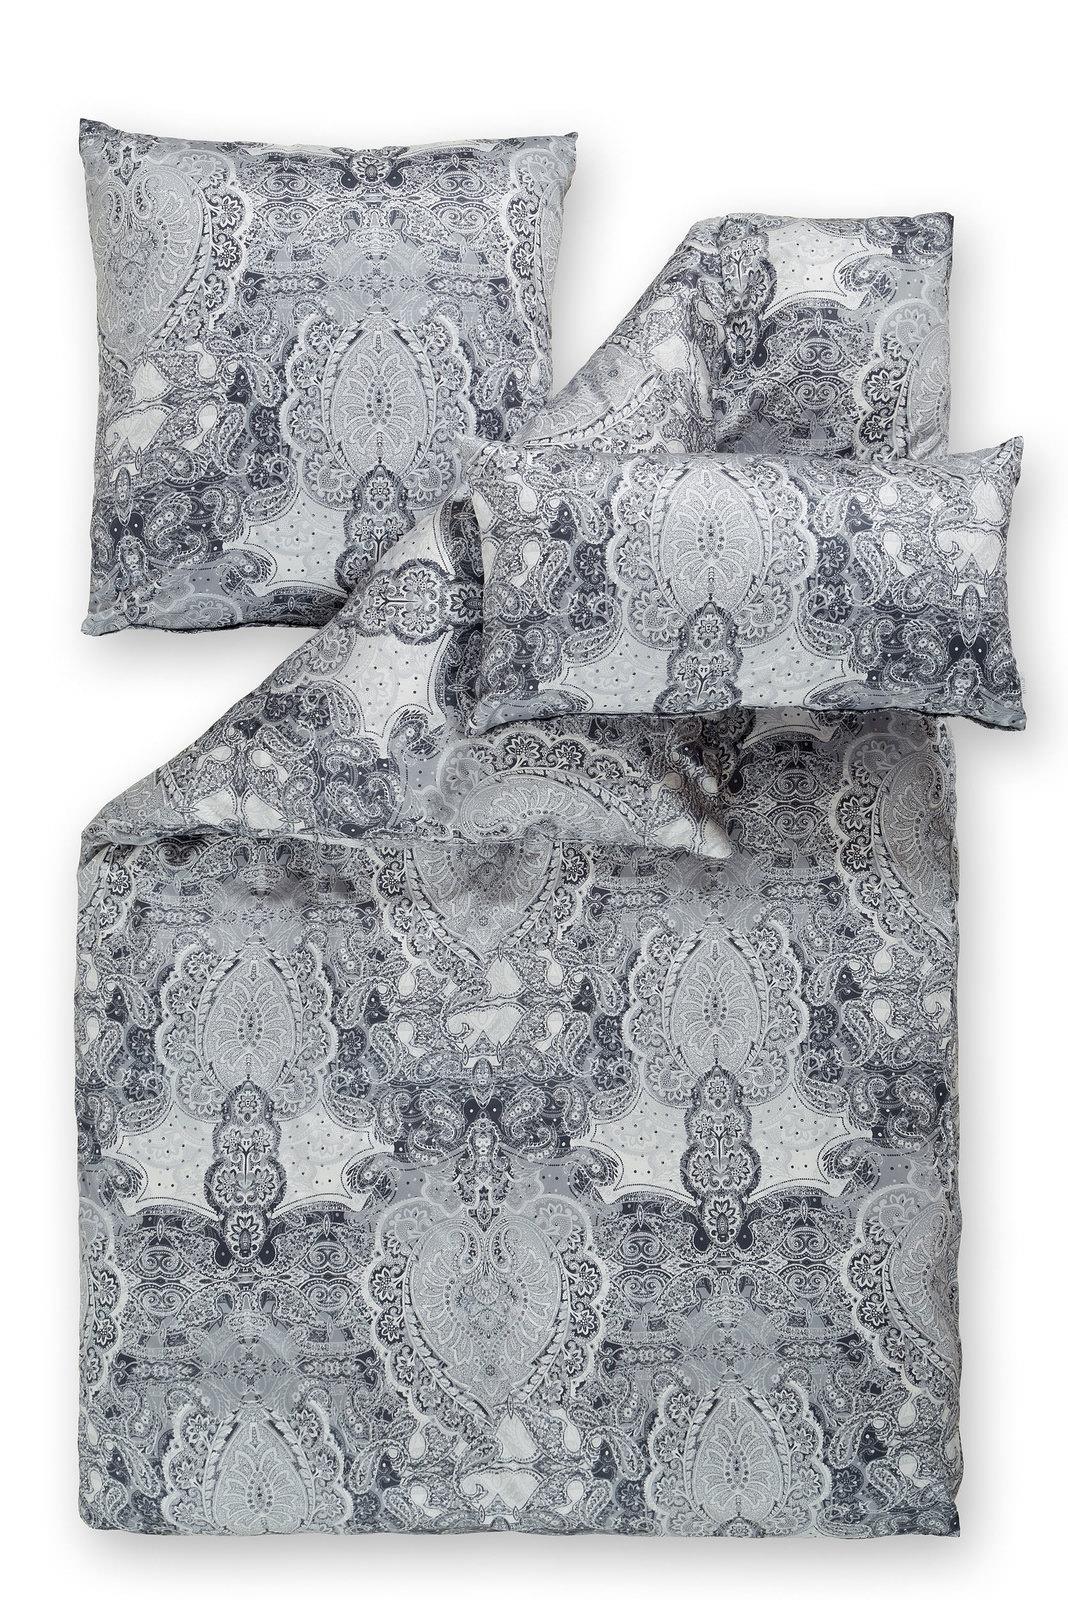 Estella Interlock Jersey Bettwäsche Grau Online Entdecken